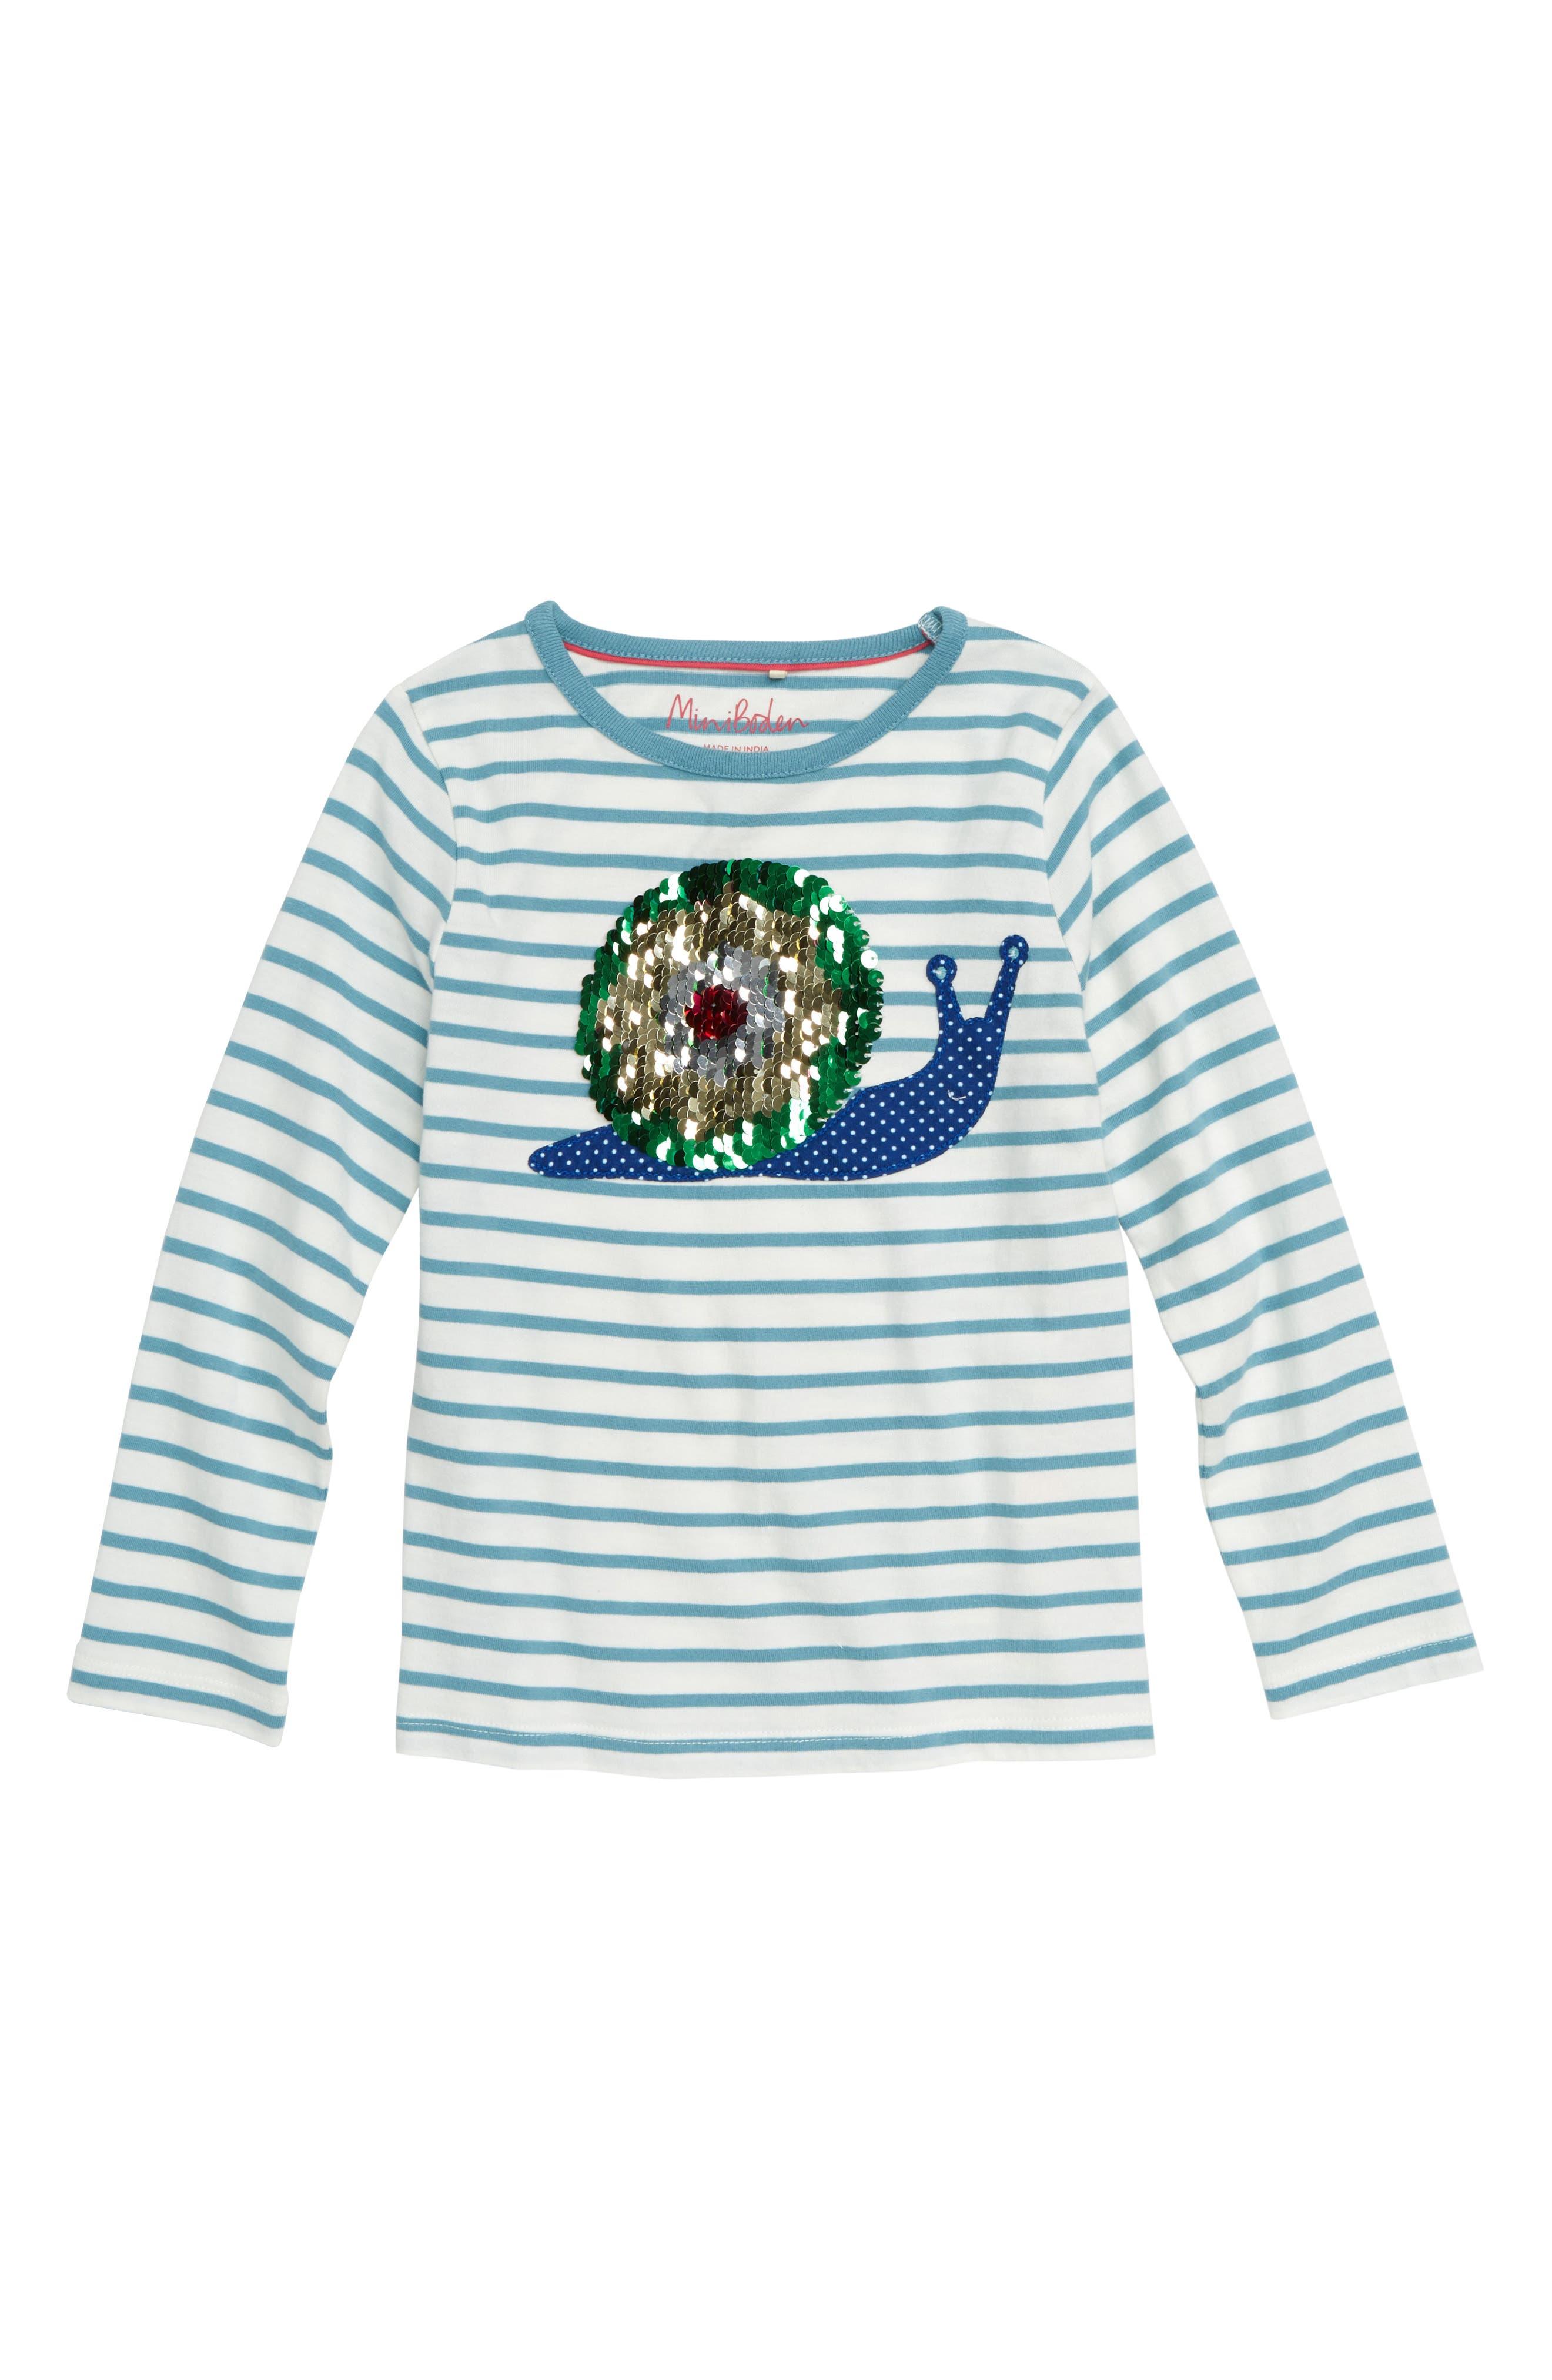 MINI BODEN Sequin Color Change Shirt, Main, color, 454